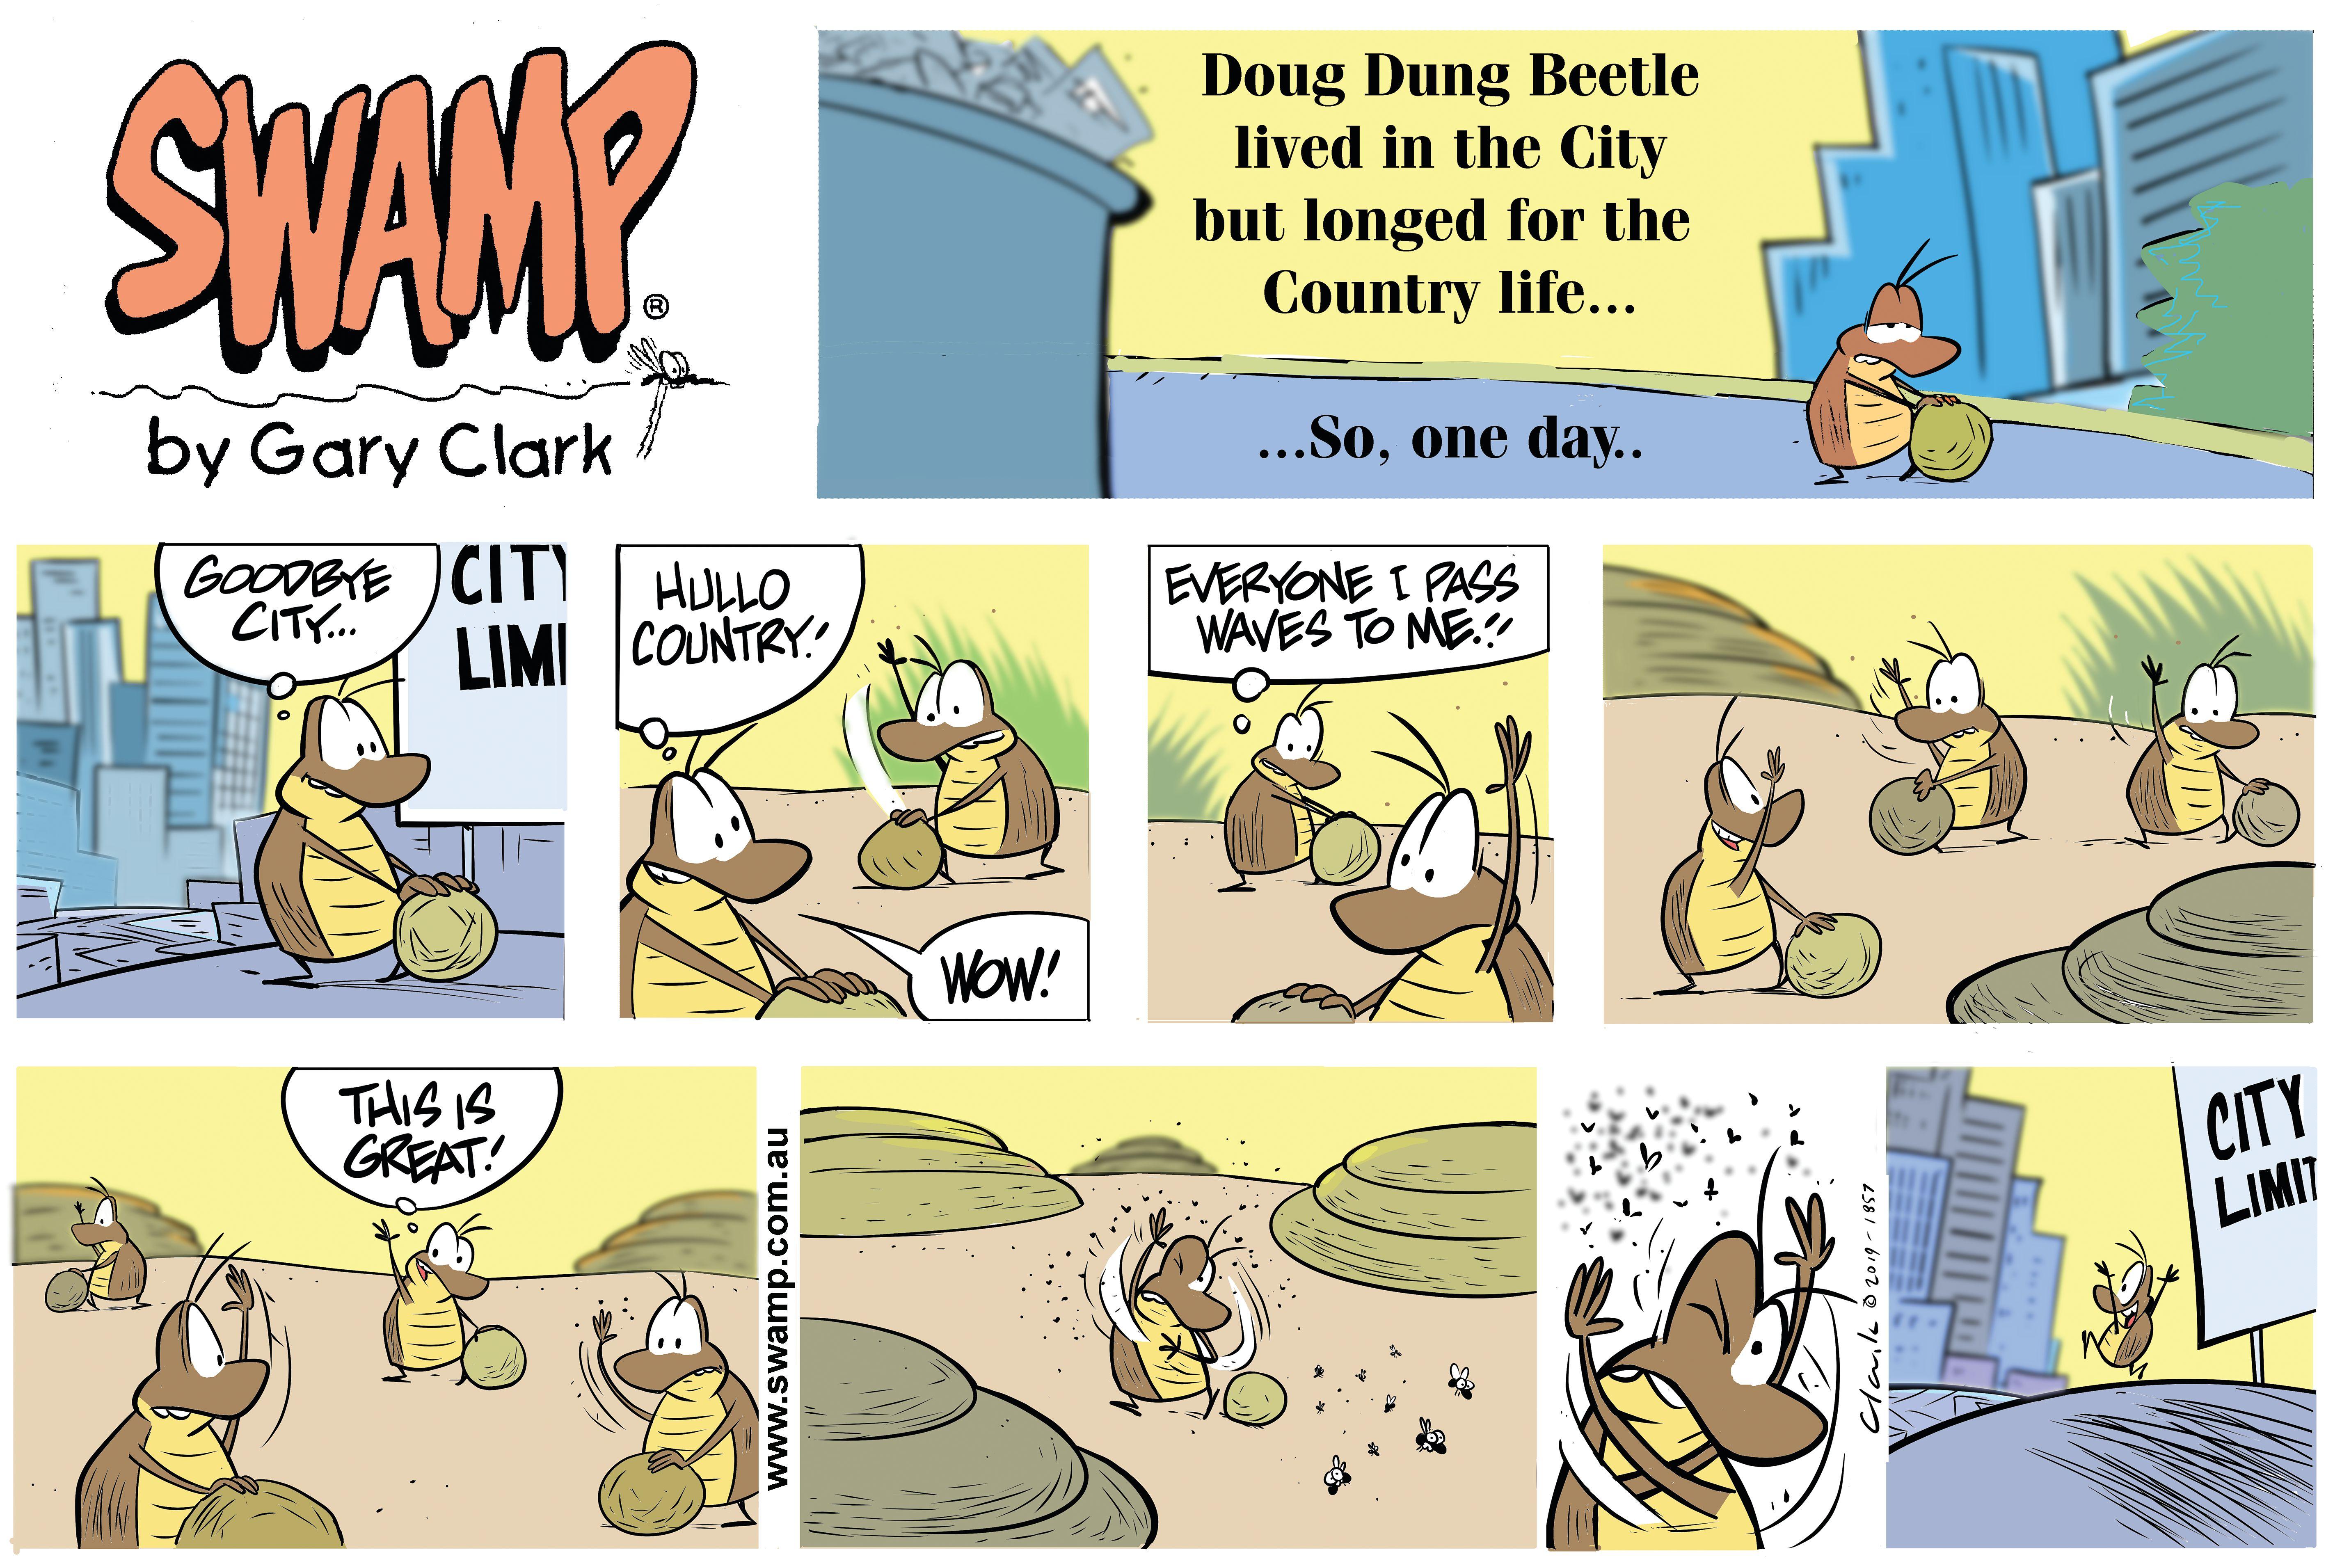 Doug Dung Beetle